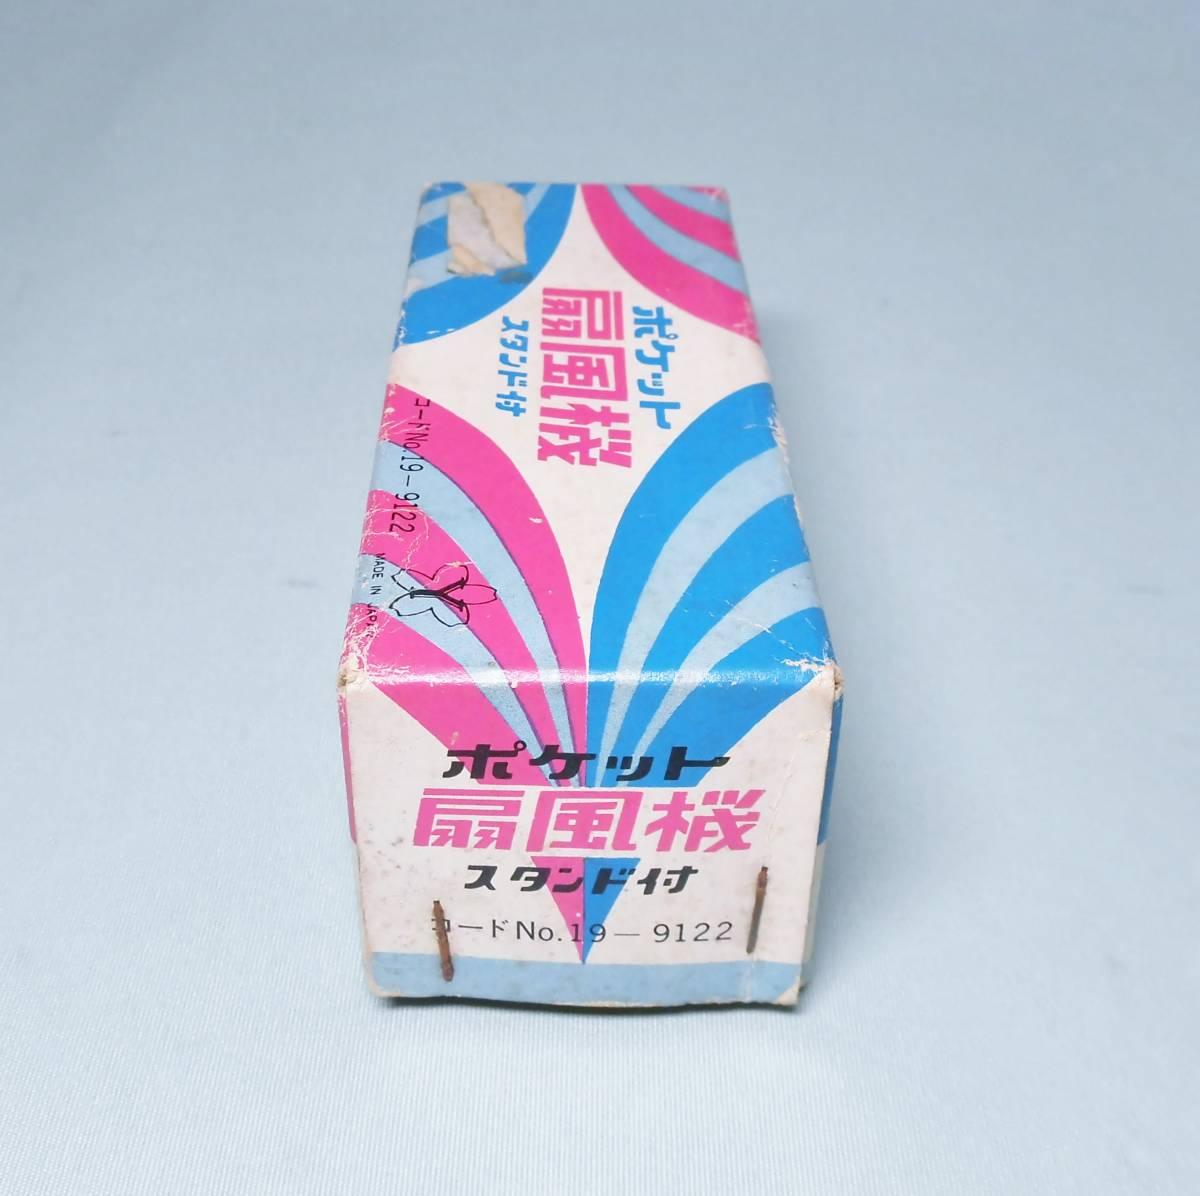 1960年代 ポケット扇風機 米澤玩具株式會社 日本製 昭和レトロ 当時物 _画像8